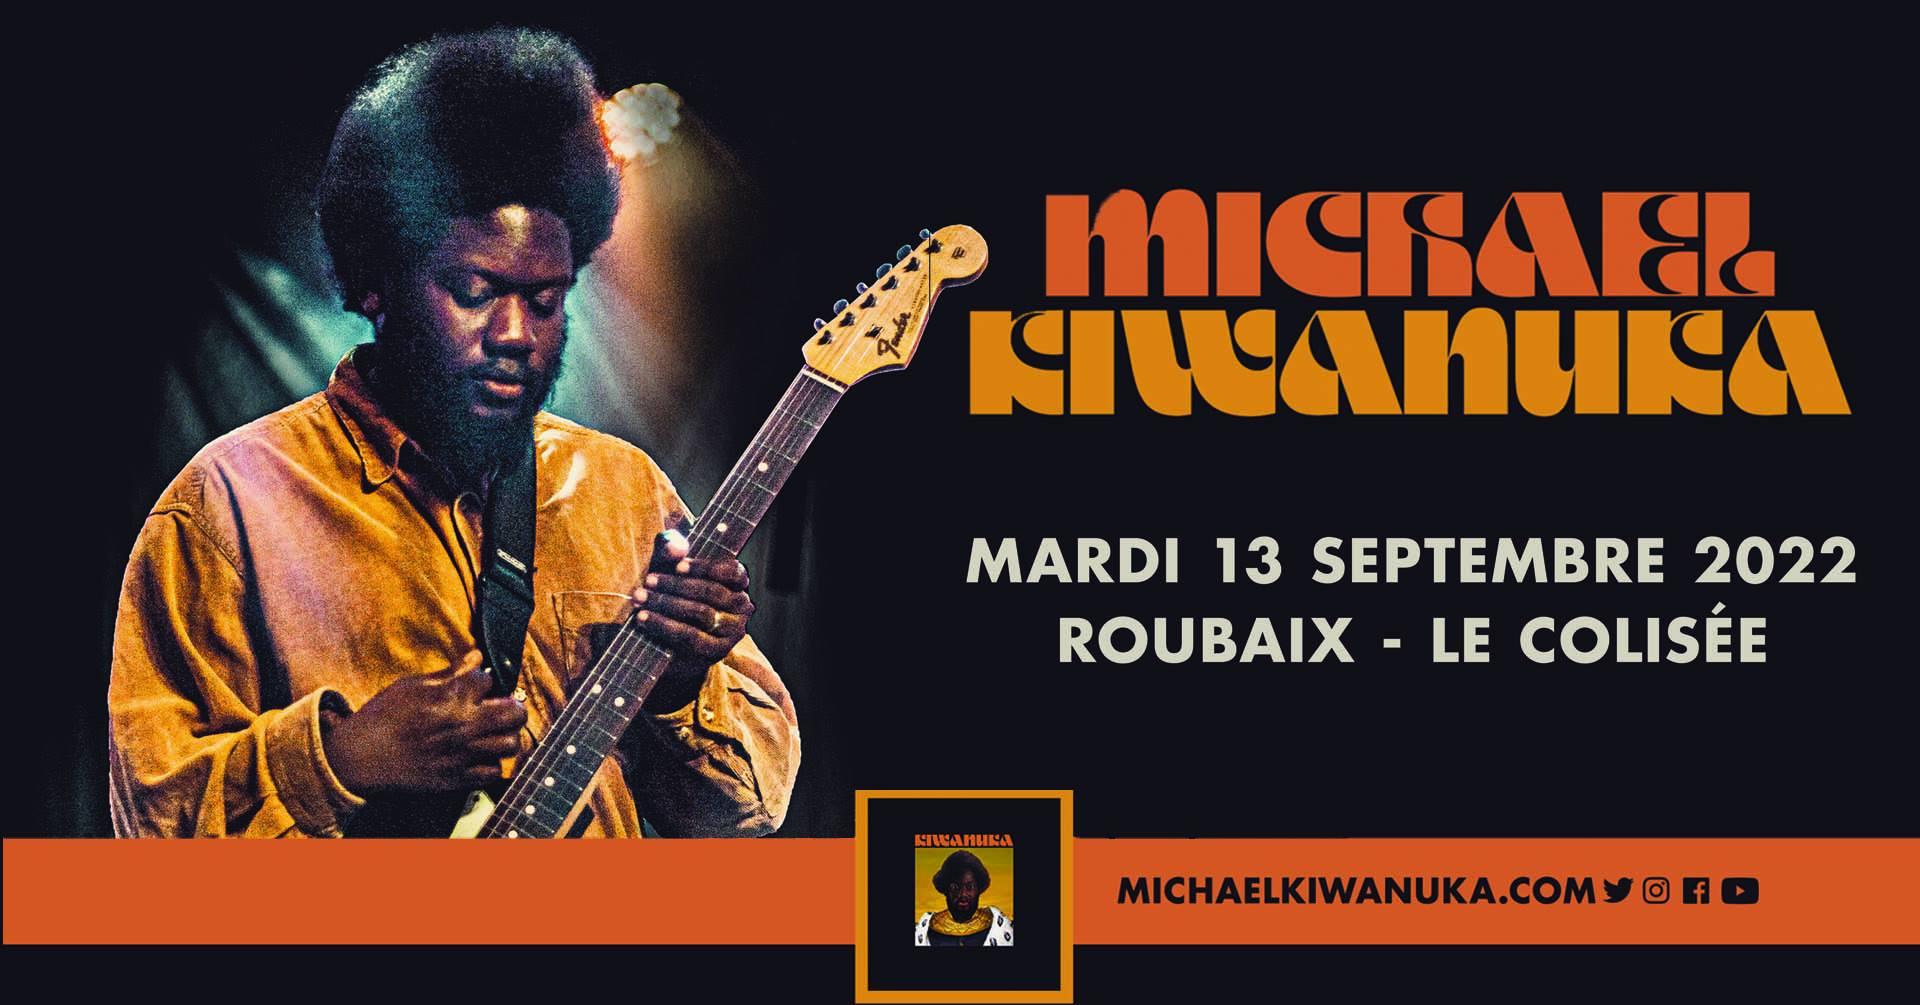 Michael Kiwanuka en concert au Colisée